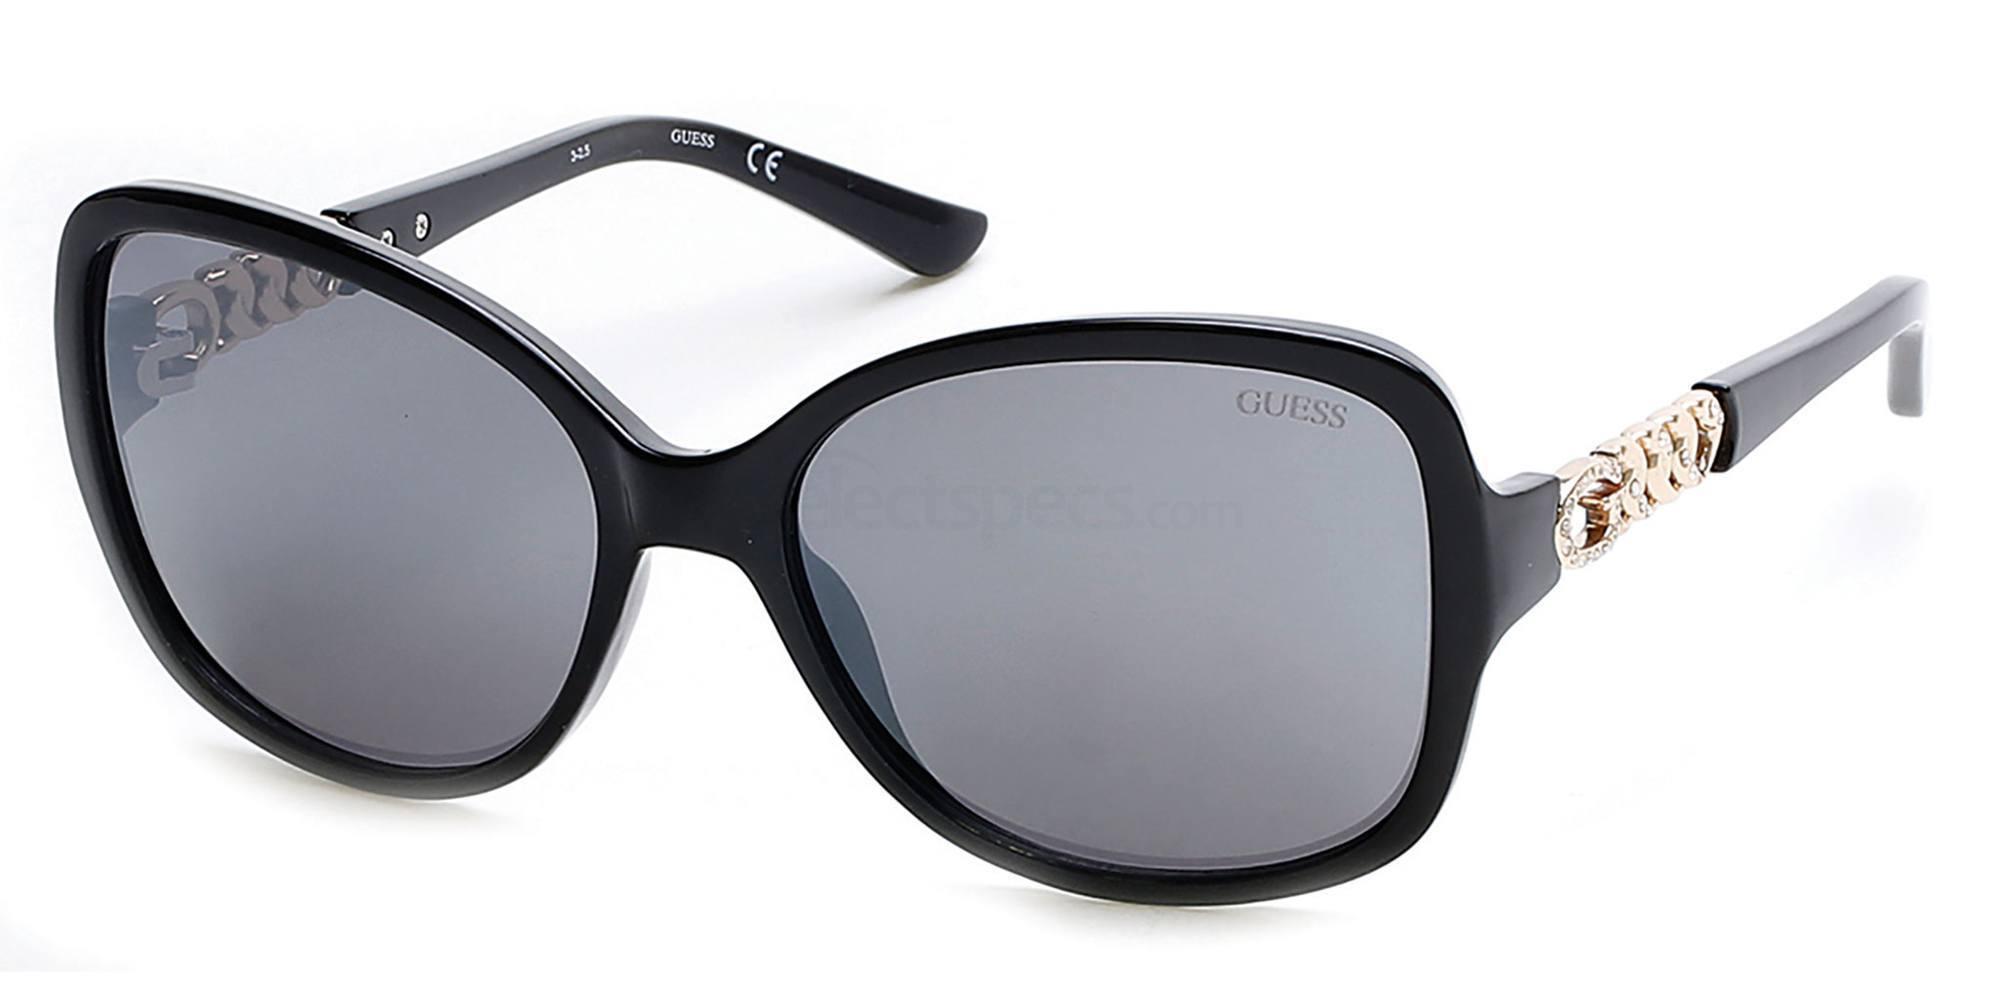 01C GU7452 Sunglasses, Guess